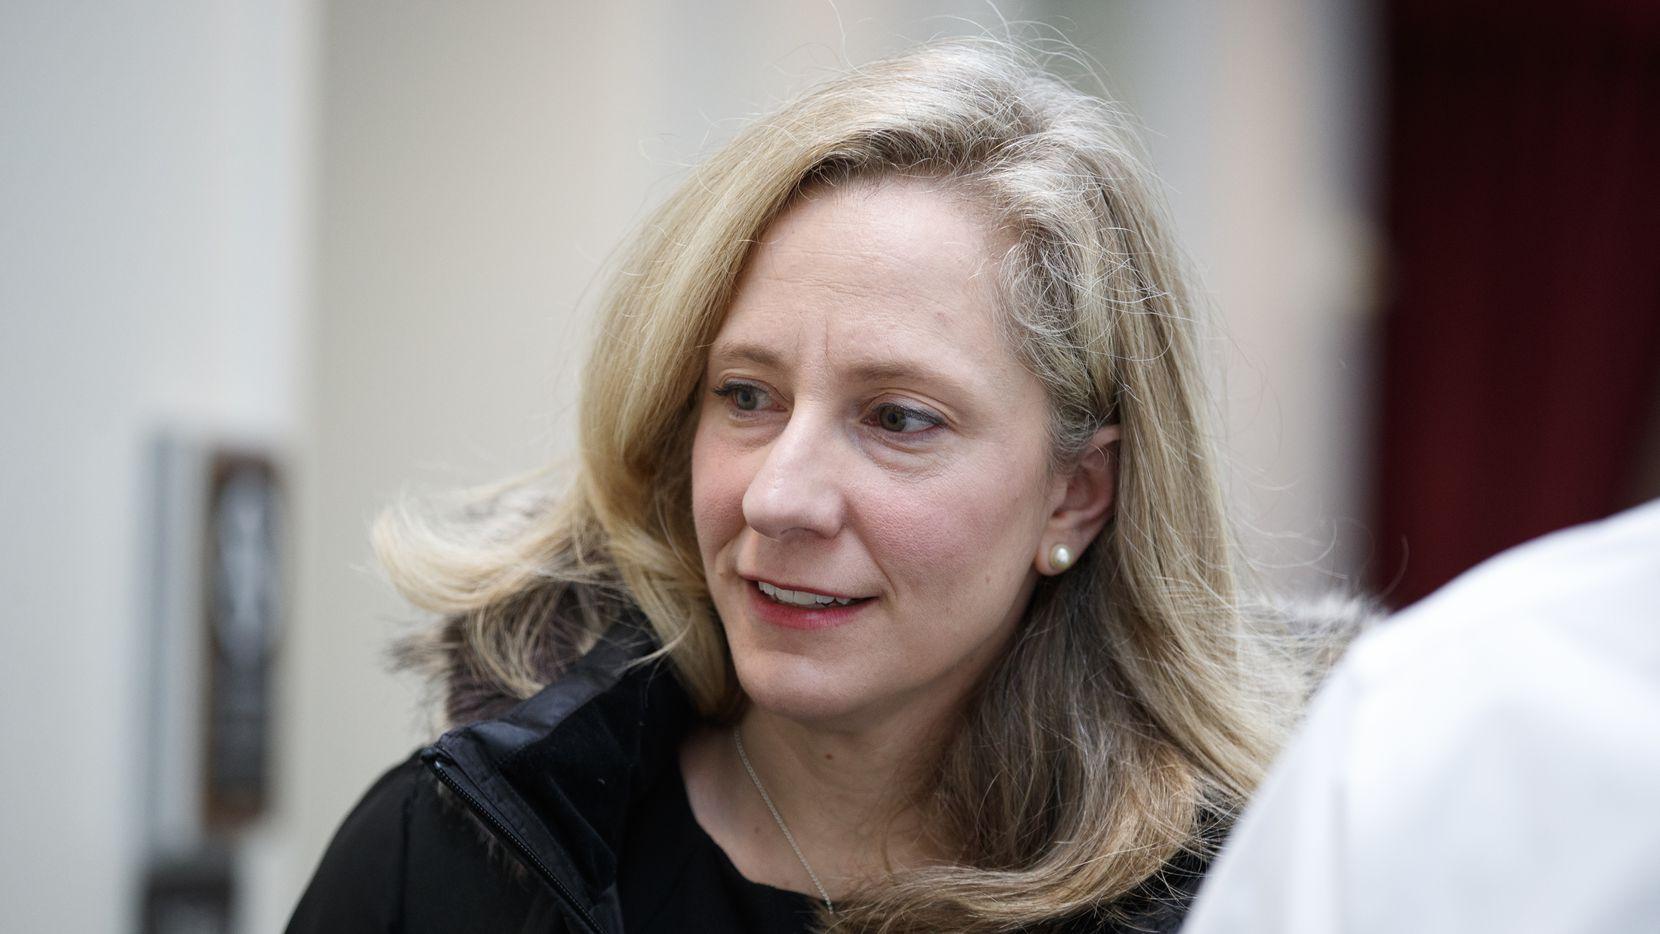 La representante Abigail Spanberger de Virginia, congresista en su primer periodo en el Congreso.